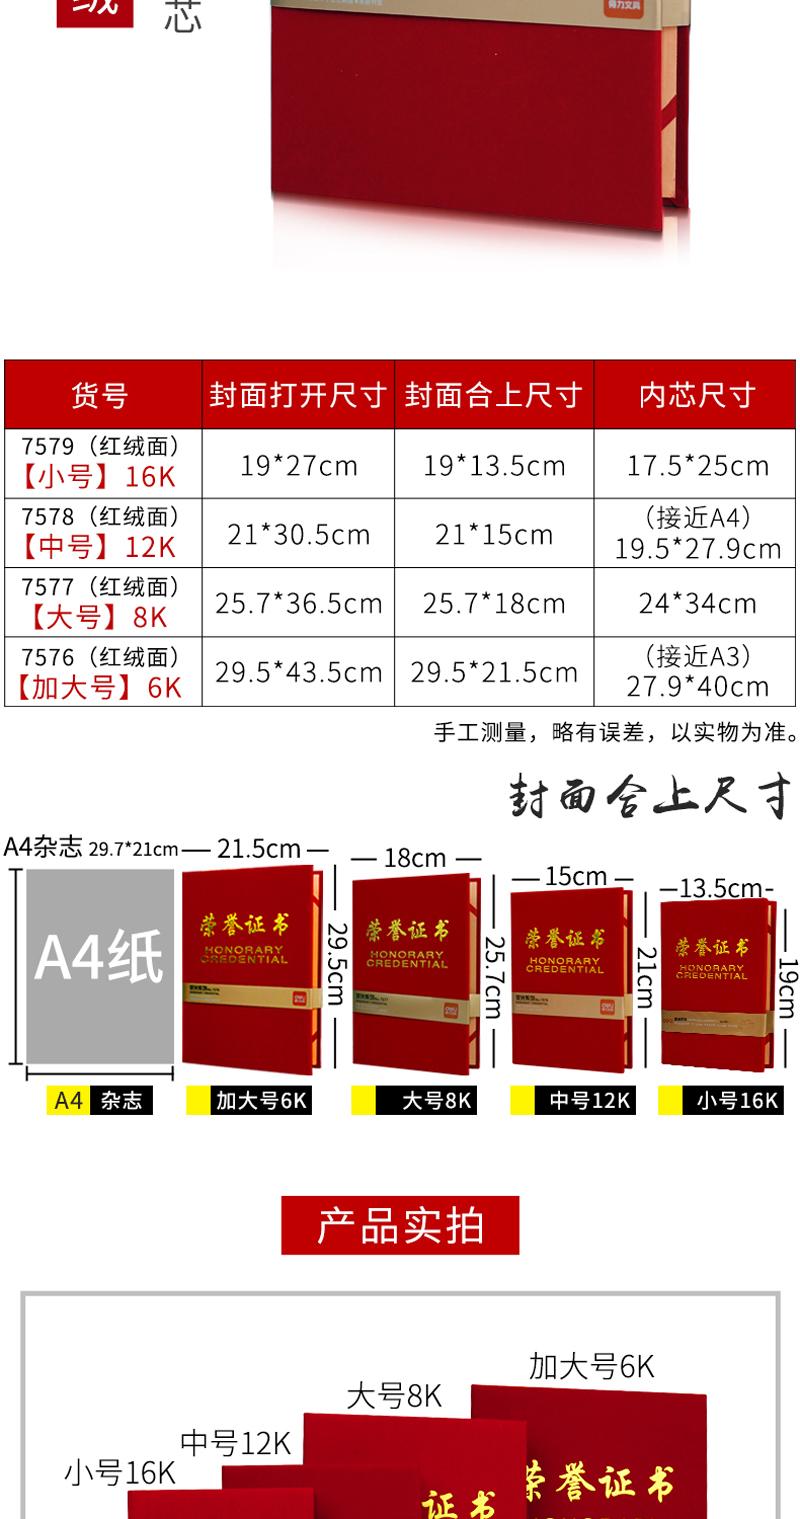 详情页2得力 50本8K荣光系列绒布浮雕工艺聘书 红色 7598-50